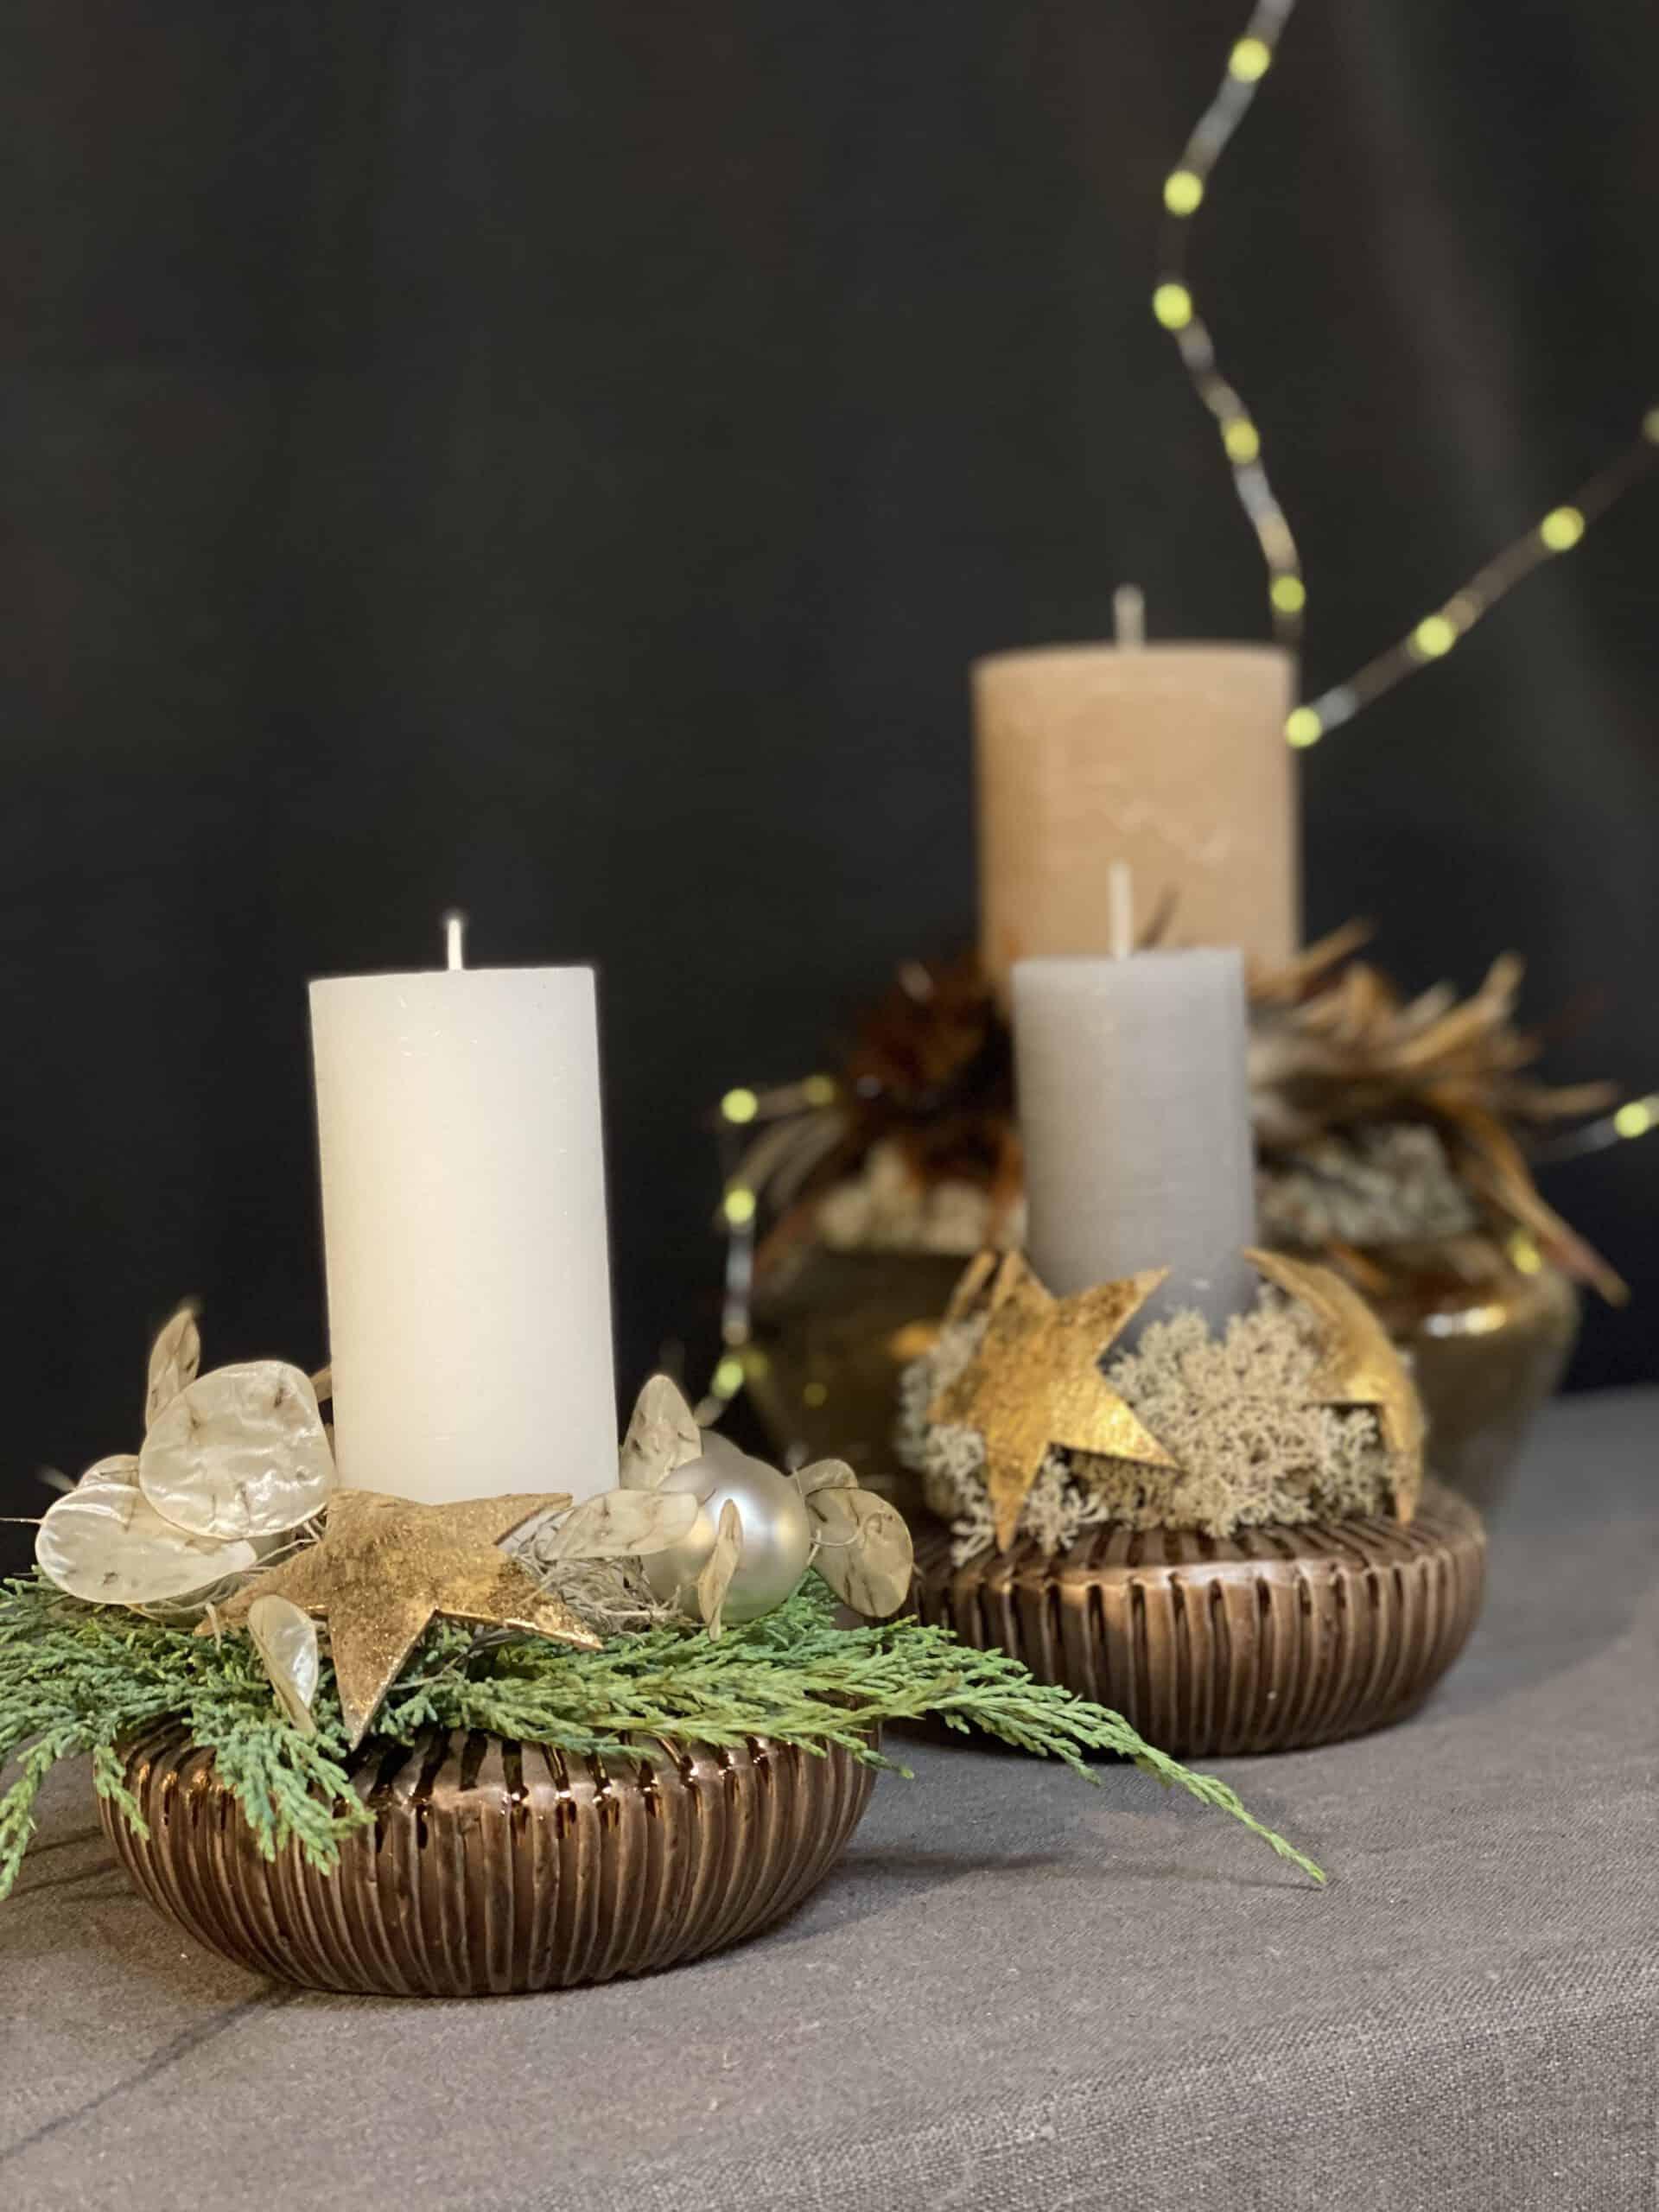 floristische Weihnachtsdeko 2021 mit kupferfarbene Schalen mit Kerzen in weiß, grau & sand von Kaheku - Kokosstern Silberblatt Islandmoos Federn Weizenkorn Kerze